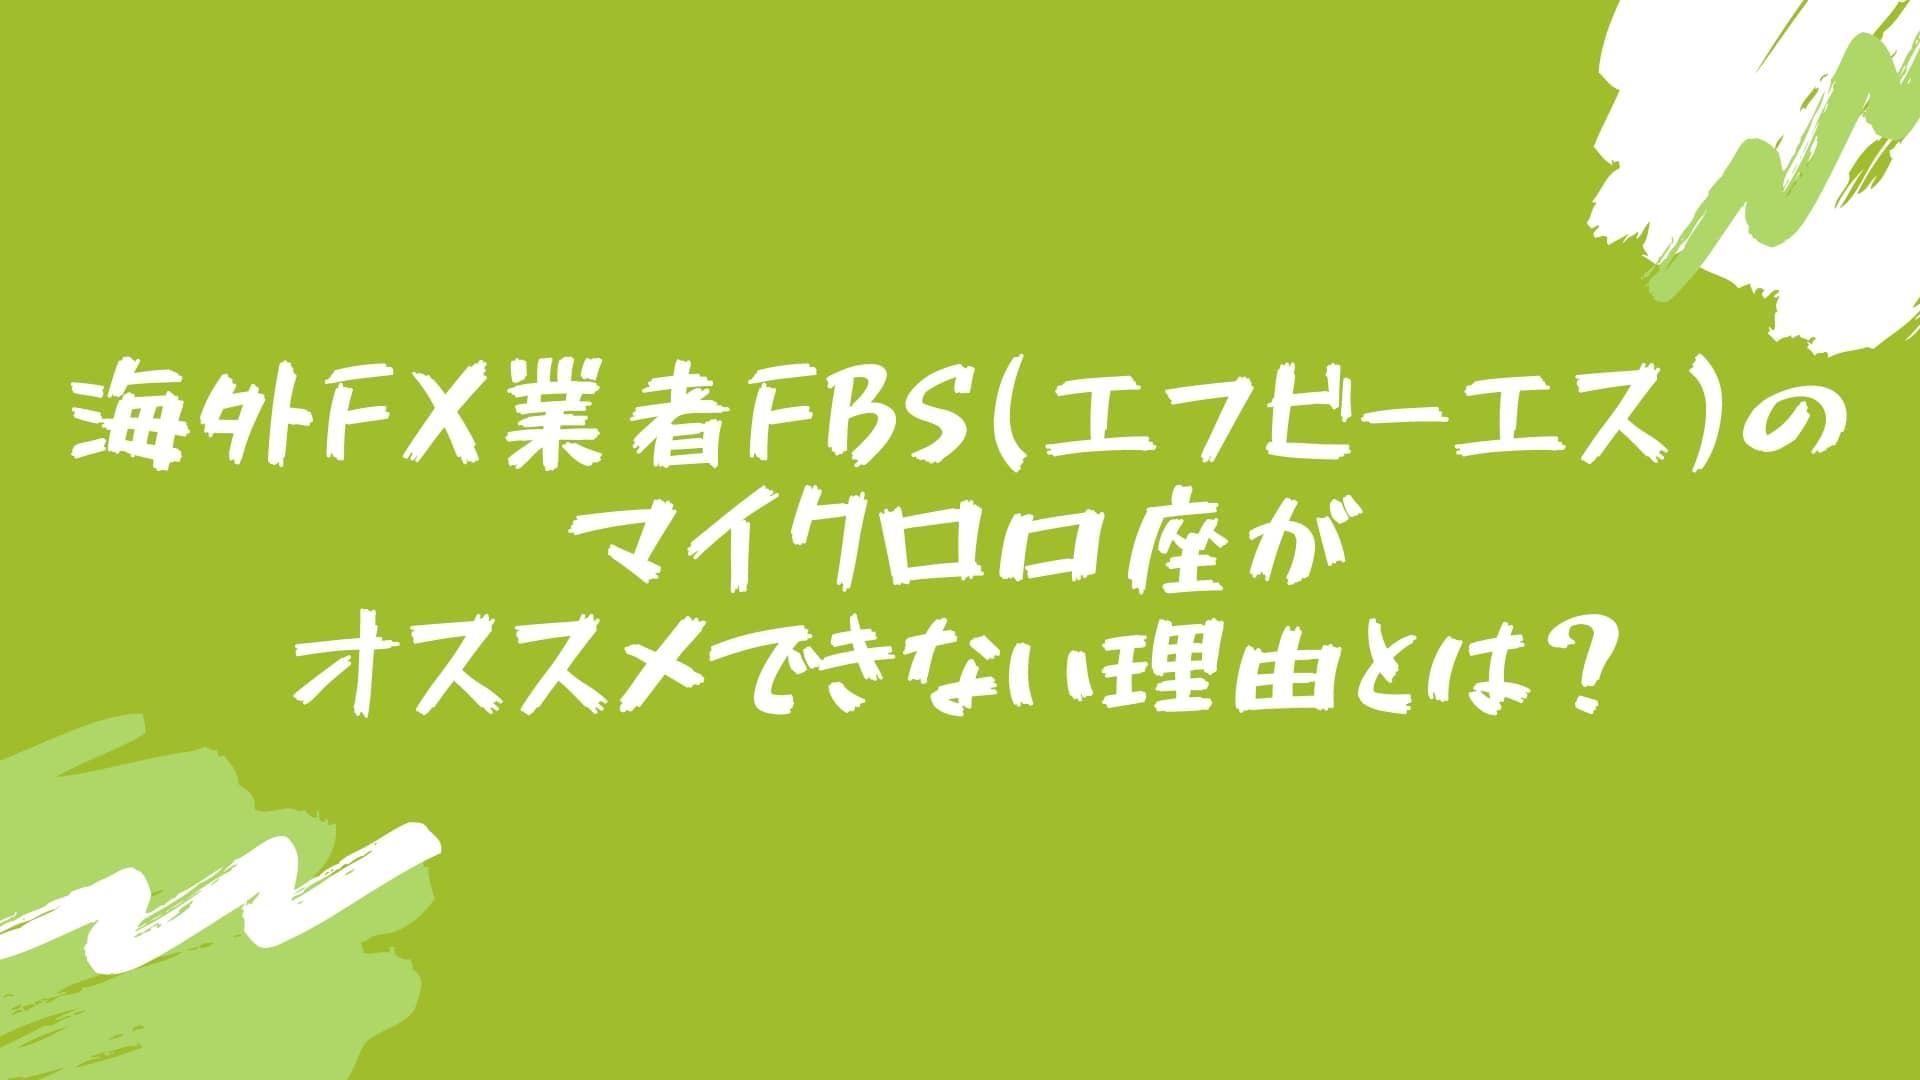 海外FX業者FBS(エフビーエス)のマイクロ口座がオススメできない理由とは?